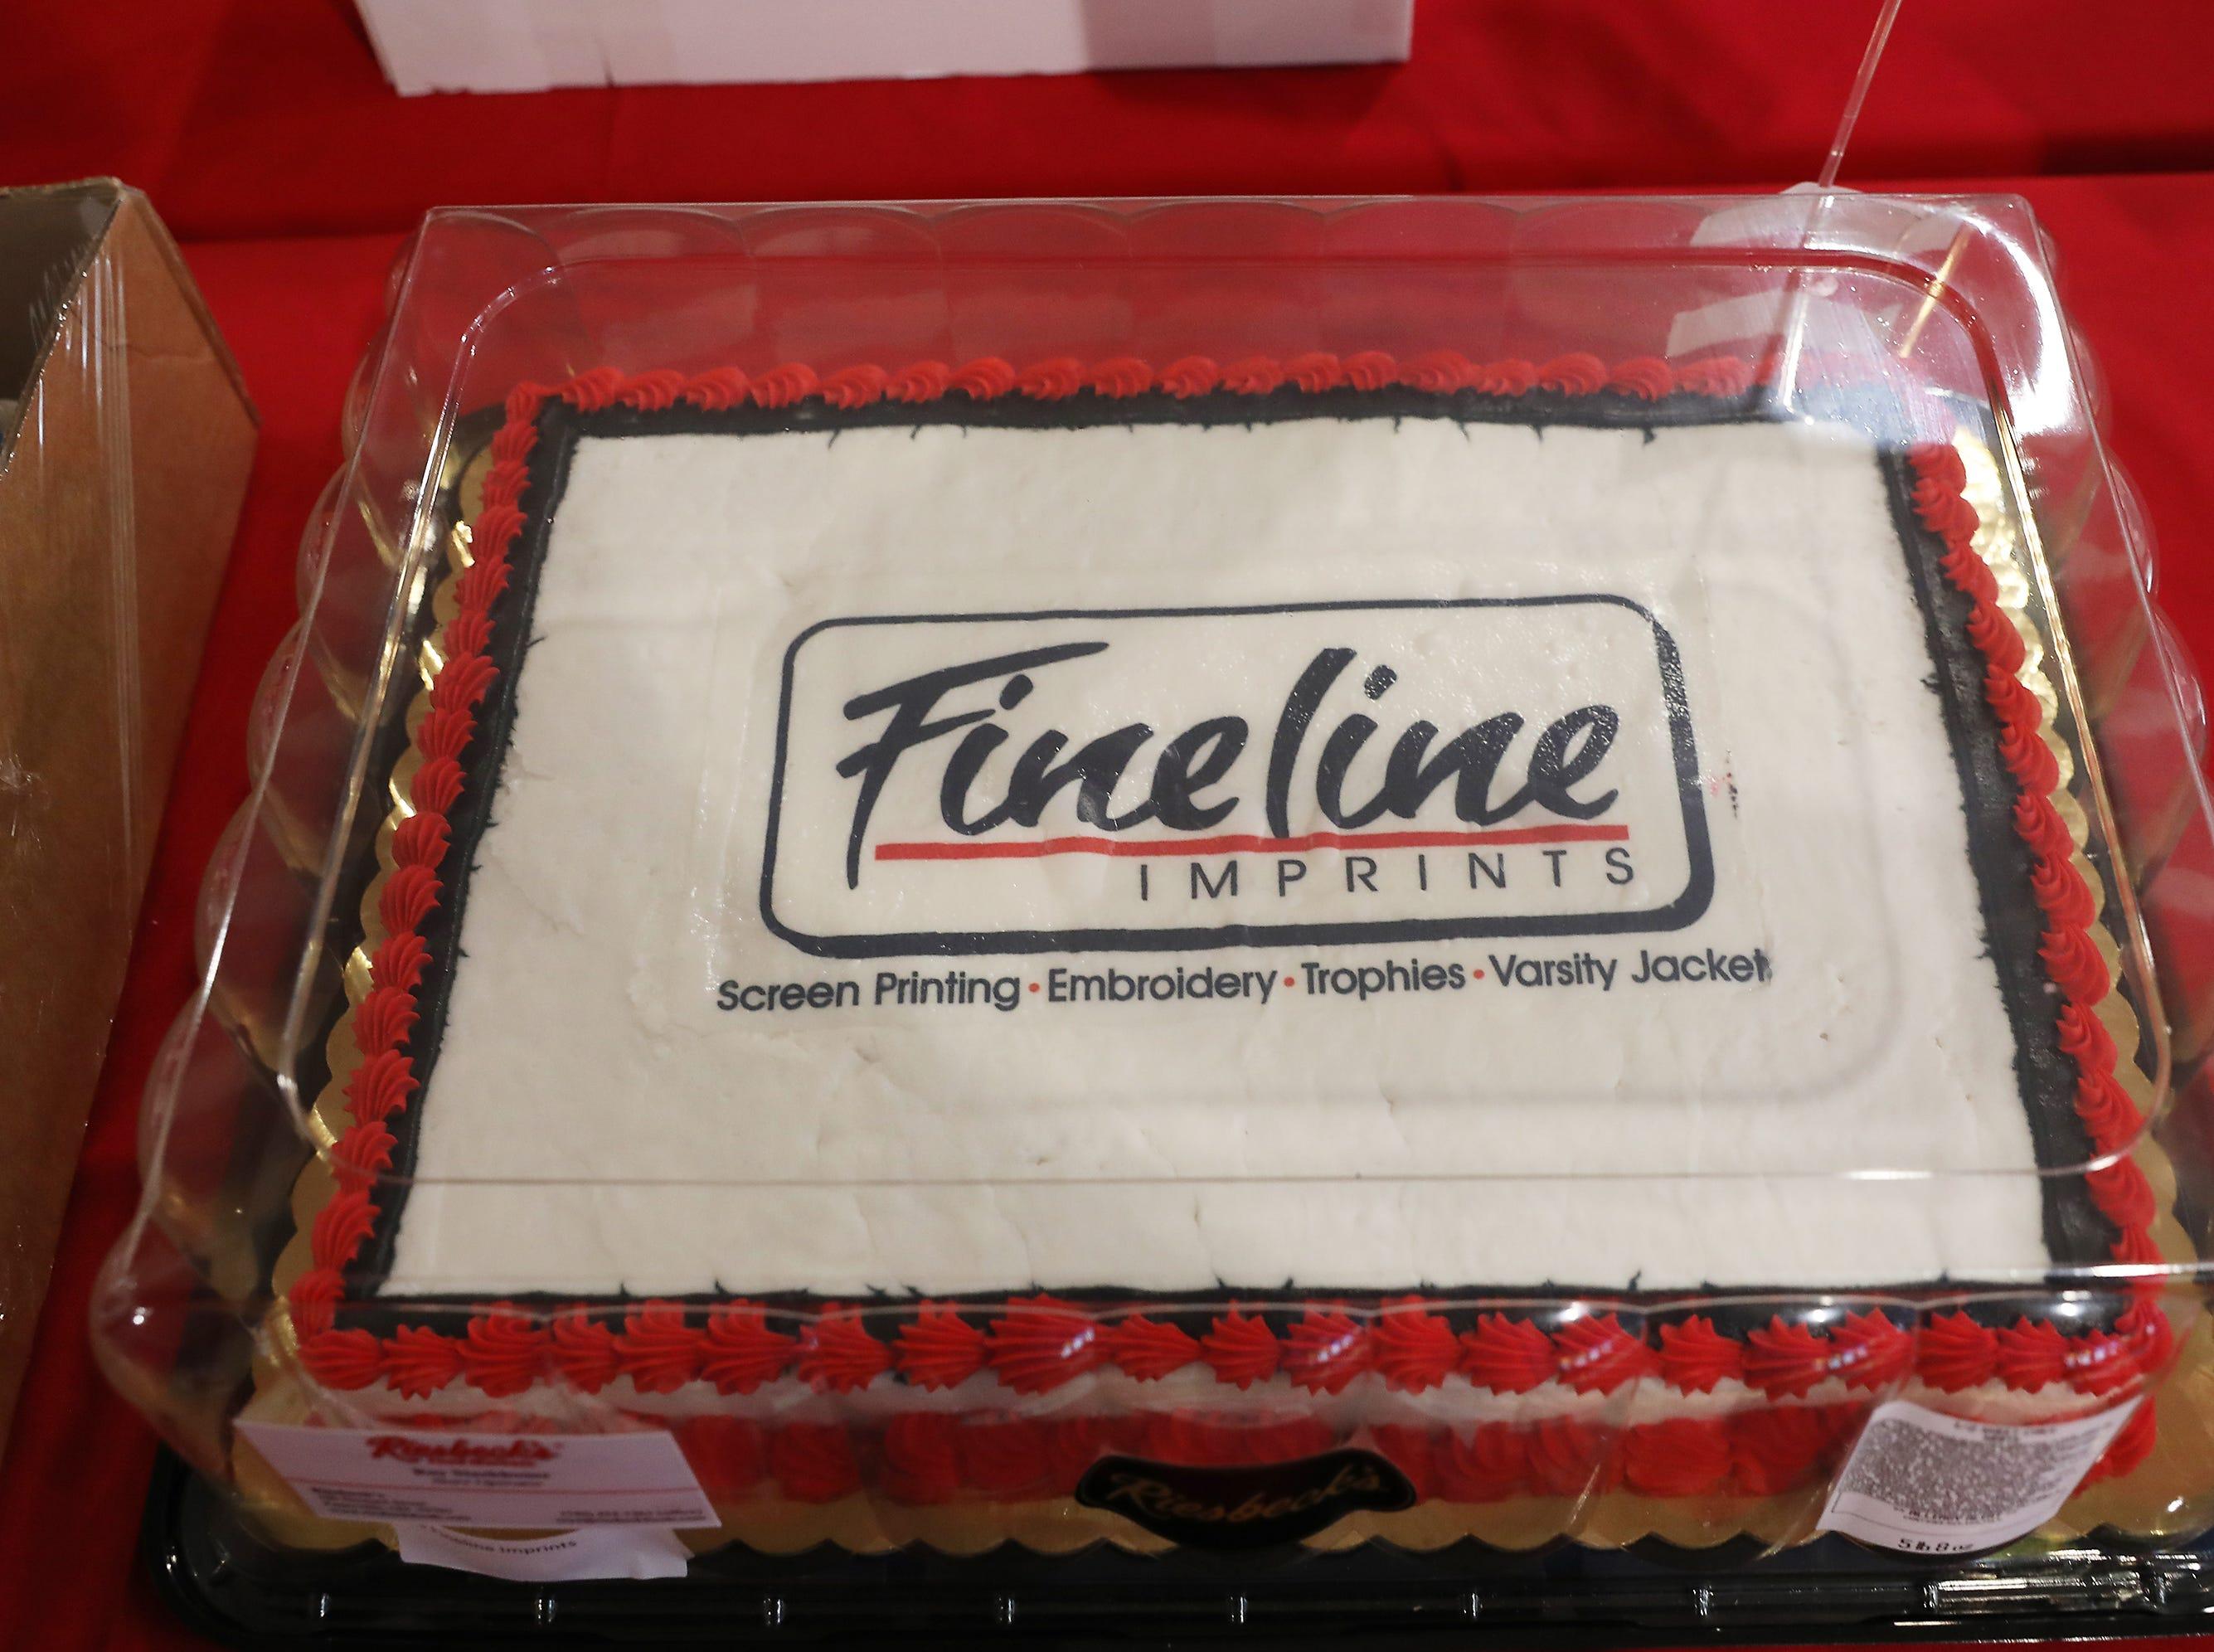 2:45 P.M. Thursday cake 138 Fineline Imprints - 25 white T-shirts, imprinted 1 color, 1 location; $200